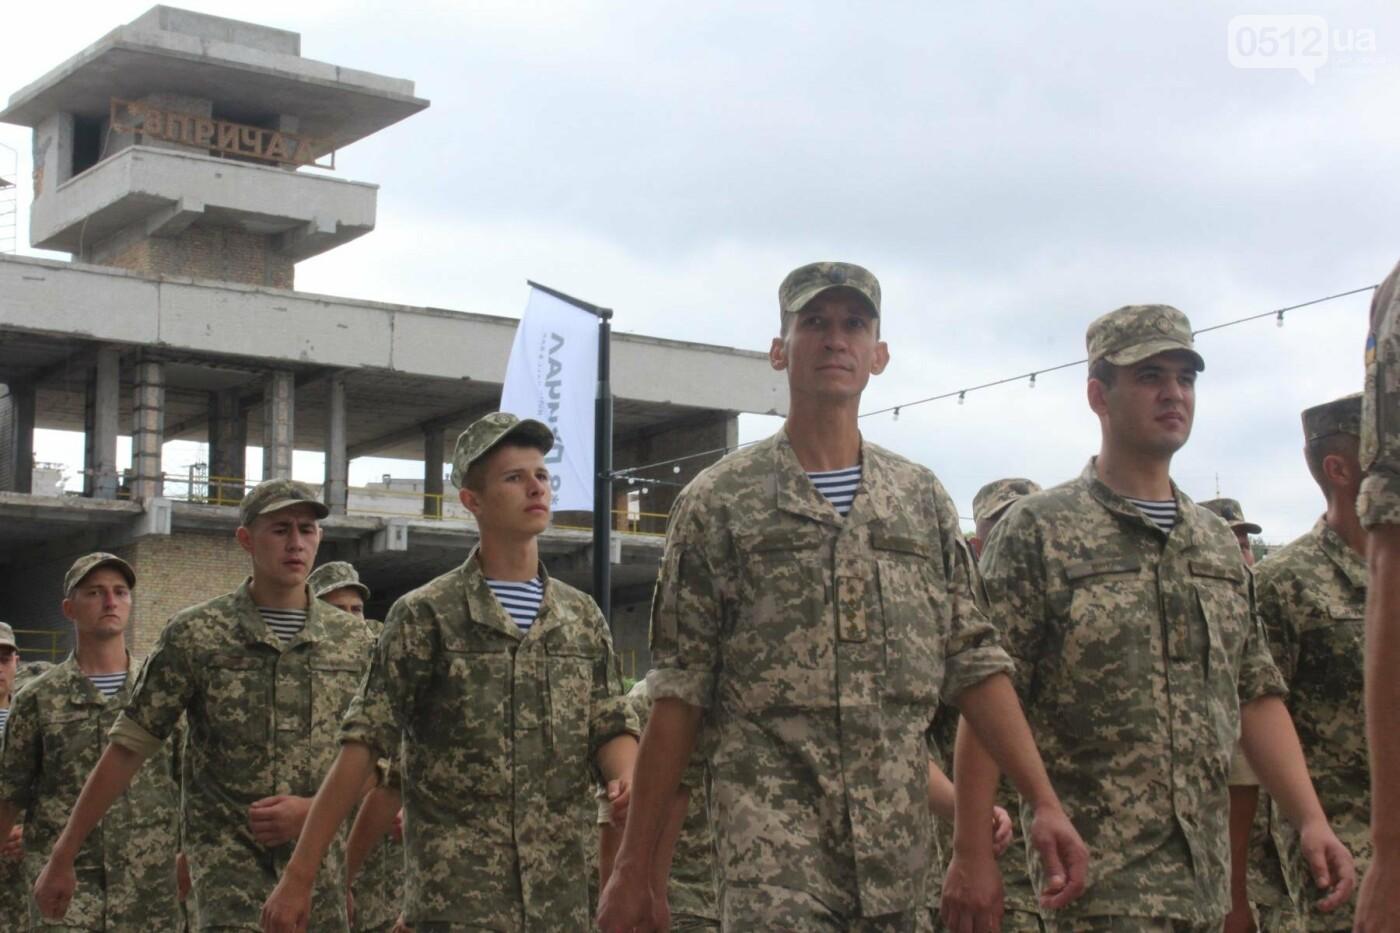 Полевая кухня, марш военных и выставка техники: как в Николаеве отмечали День ВМС Украины, фото-11